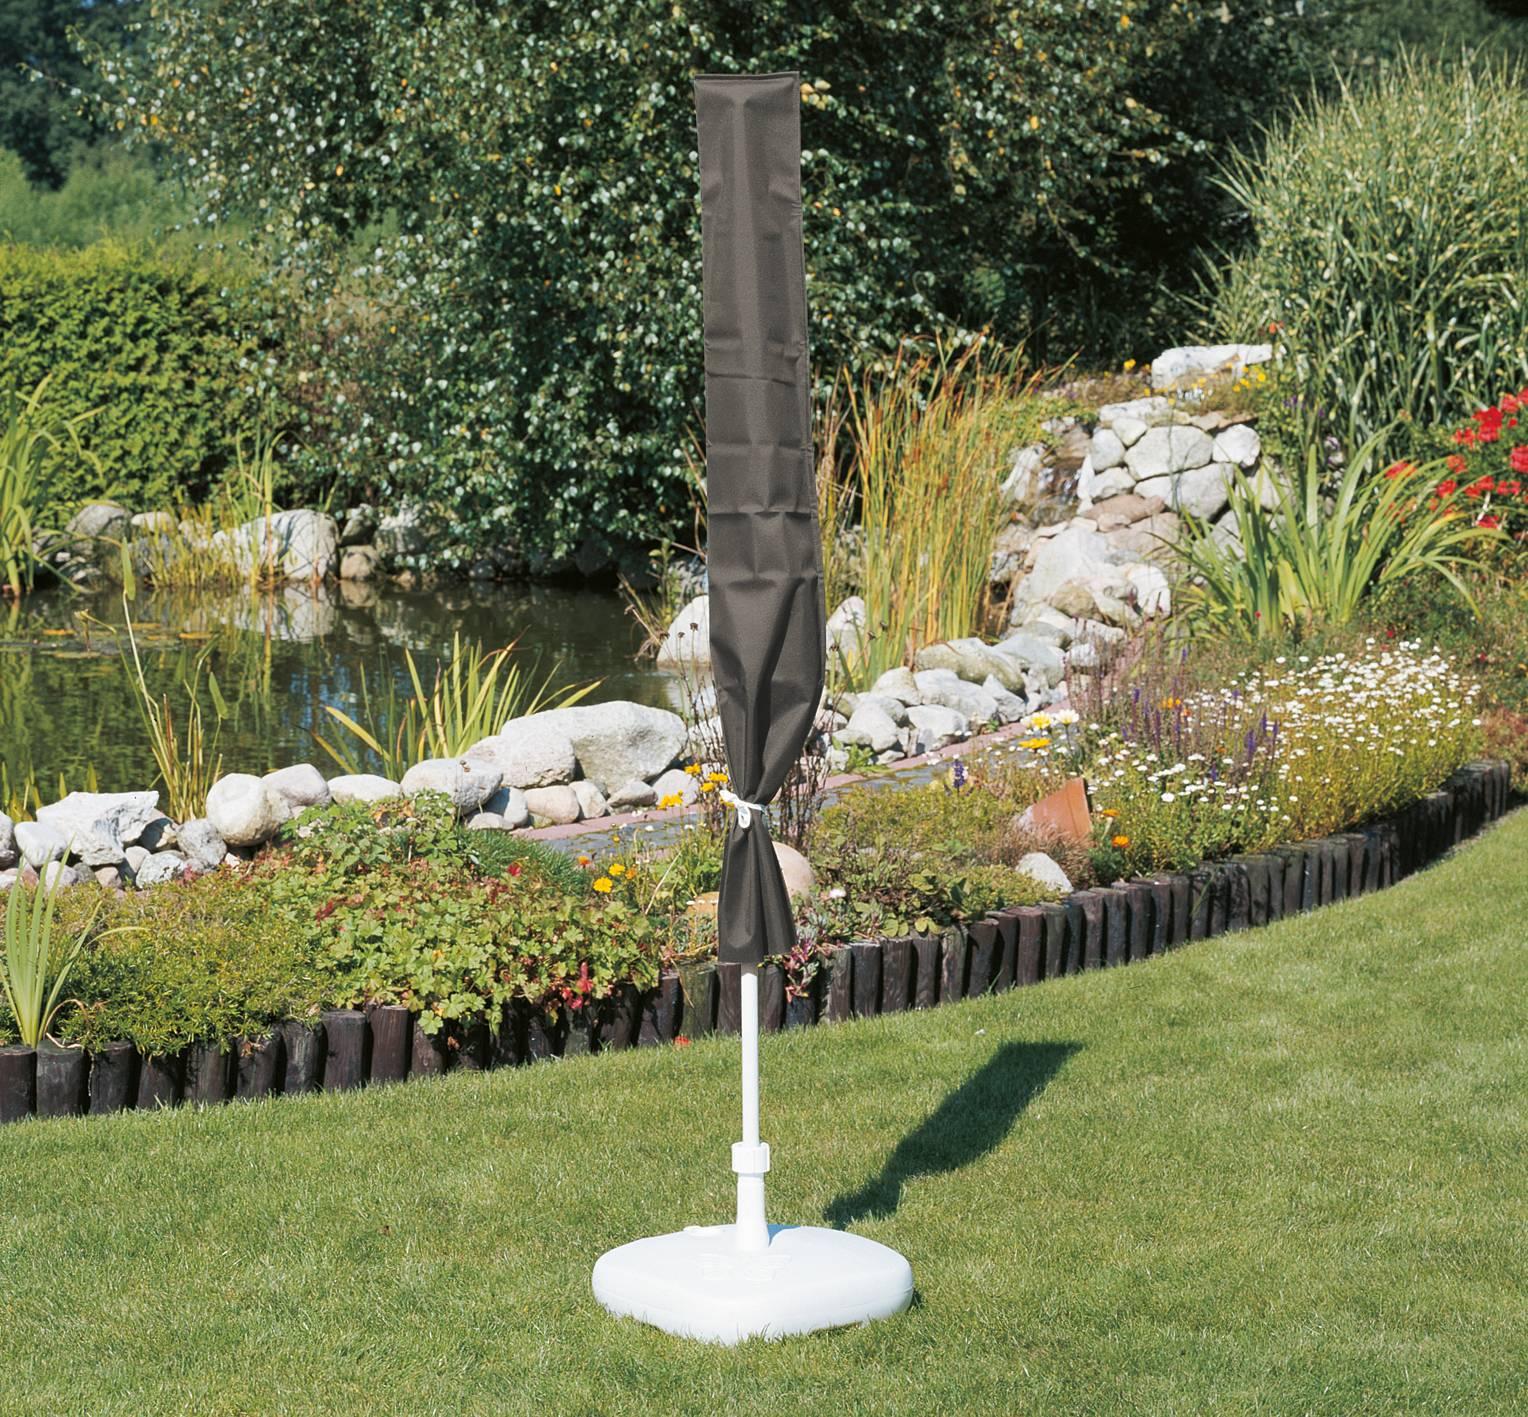 acamp Schutzhülle cappa 57710 für Sonnenschirm bis Durchmesser 200cm anthrazit